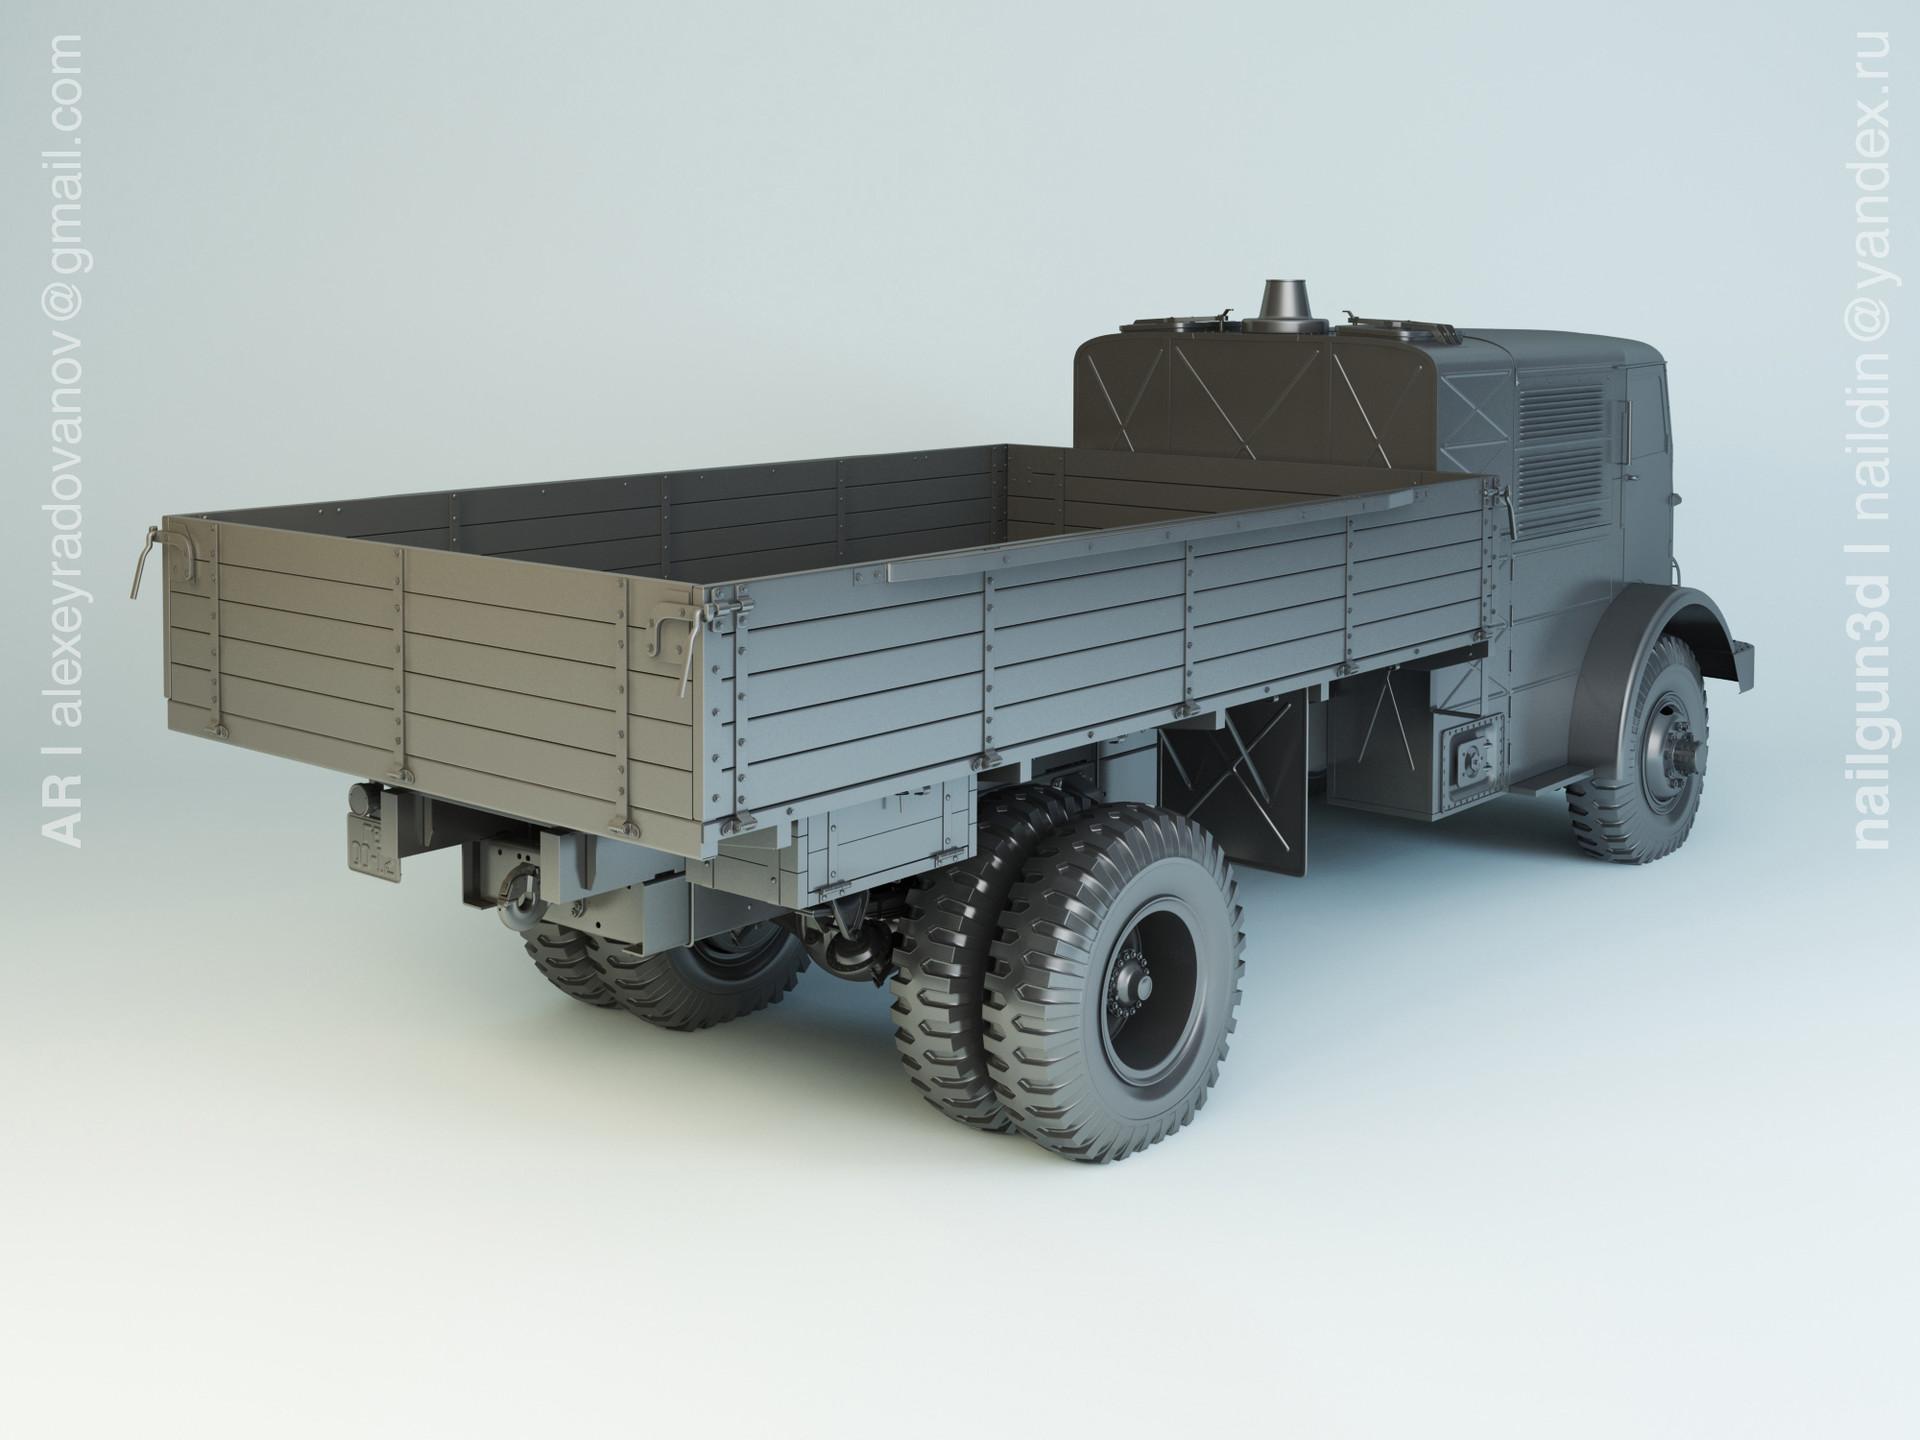 Nail khusnutdinov alg 020 003 nami 012 modelling 1